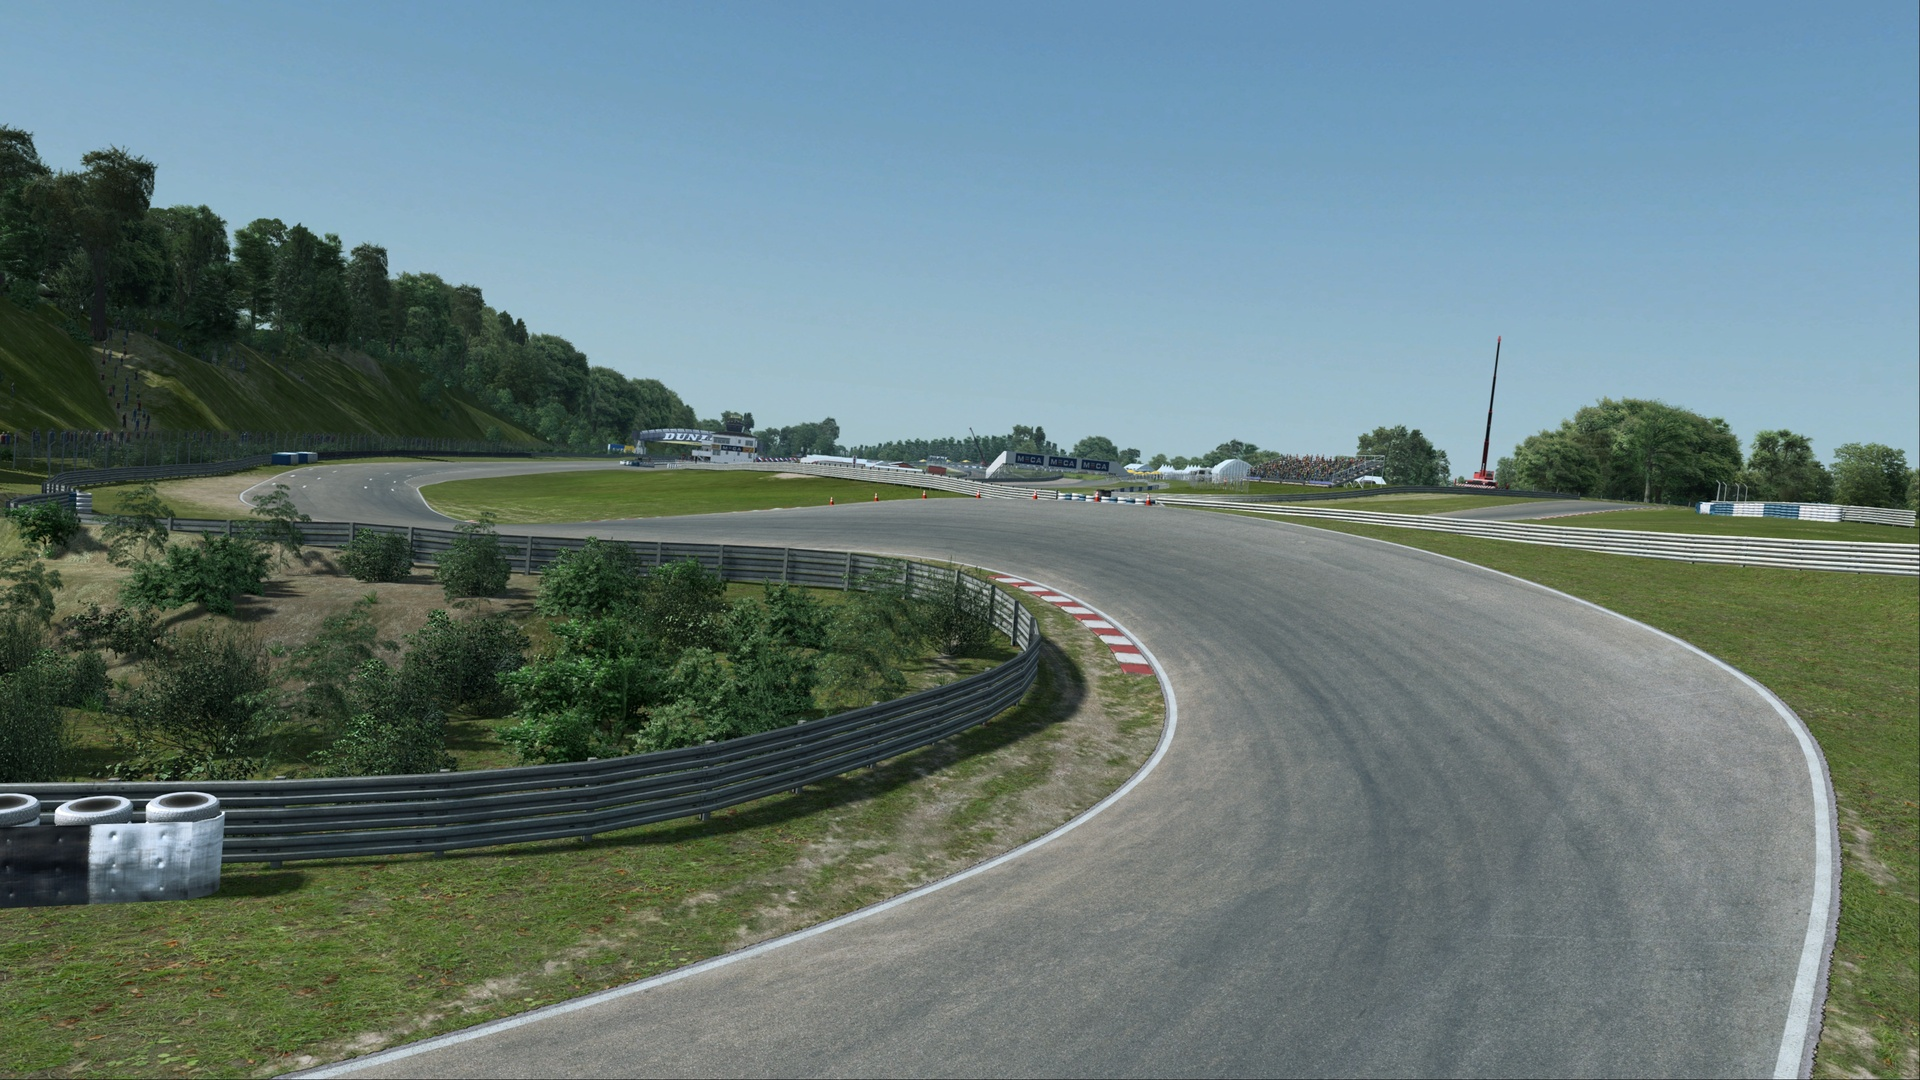 RaceRoom Ring Knutstorp 3.jpg